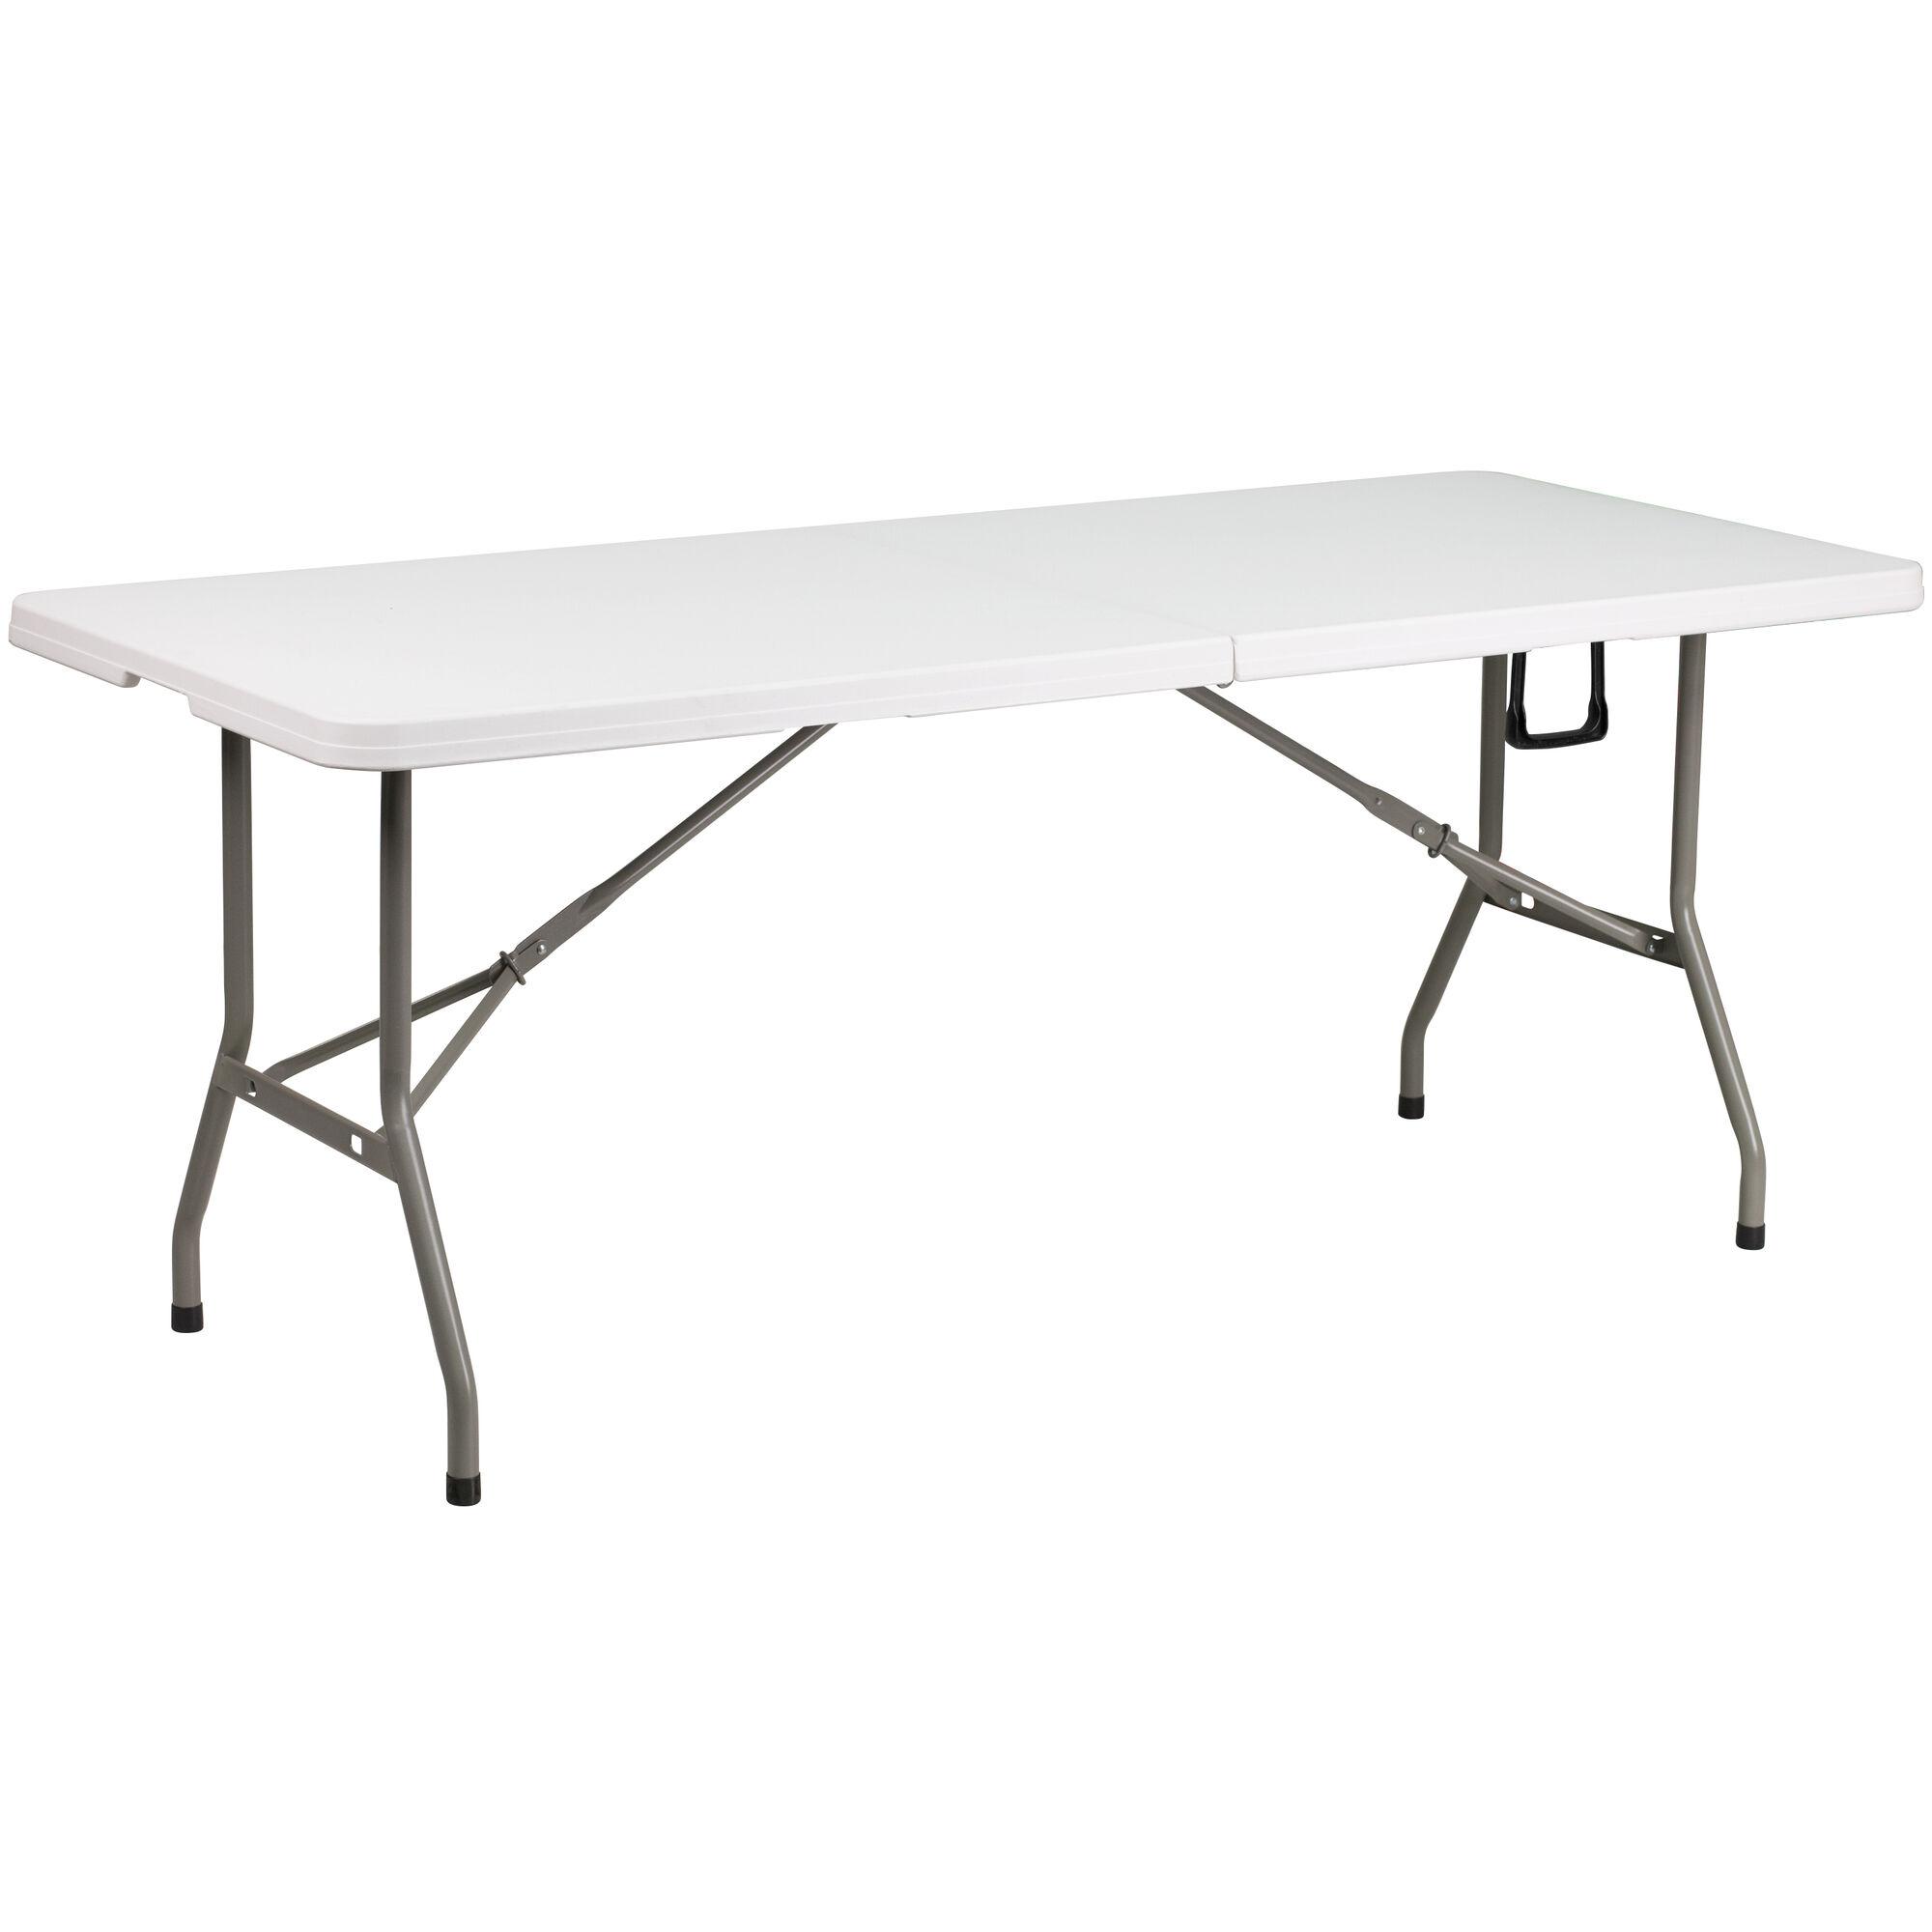 30x72 White Bi Fold Table Dad Ycz 183z Gg